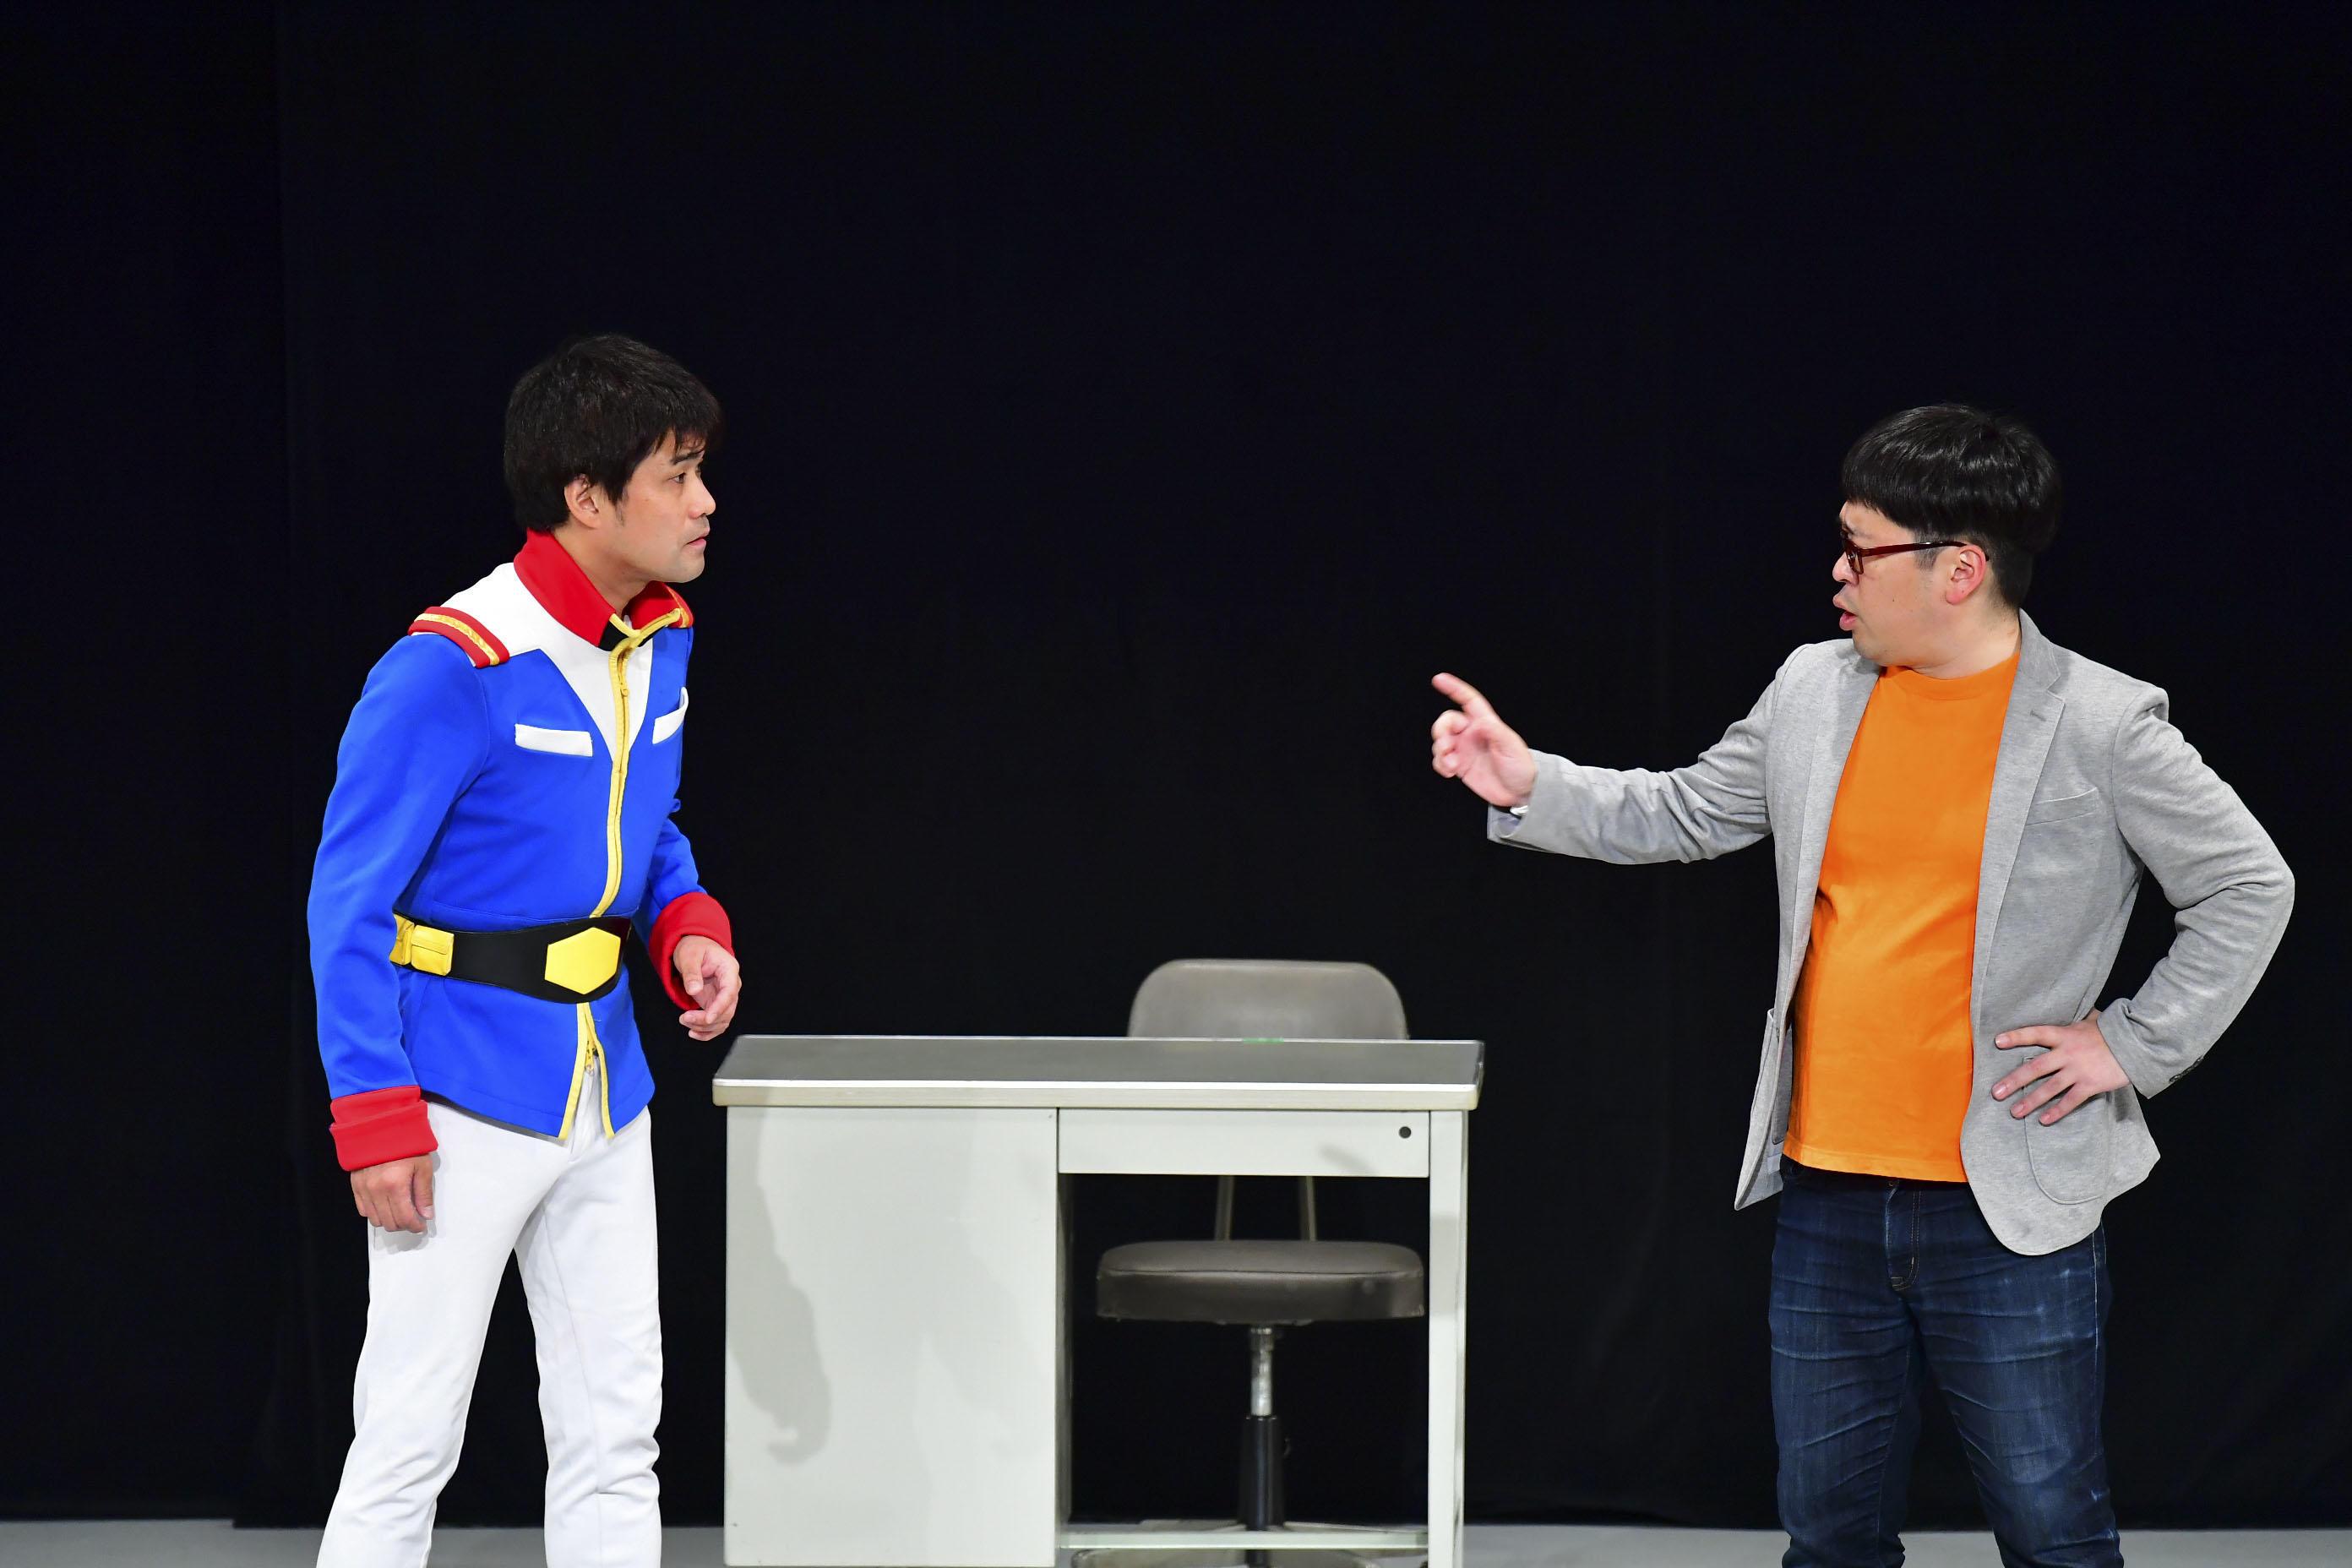 http://news.yoshimoto.co.jp/20171029150631-37041875c22011ef80d9431b4dd3a58e6a347aeb.jpg